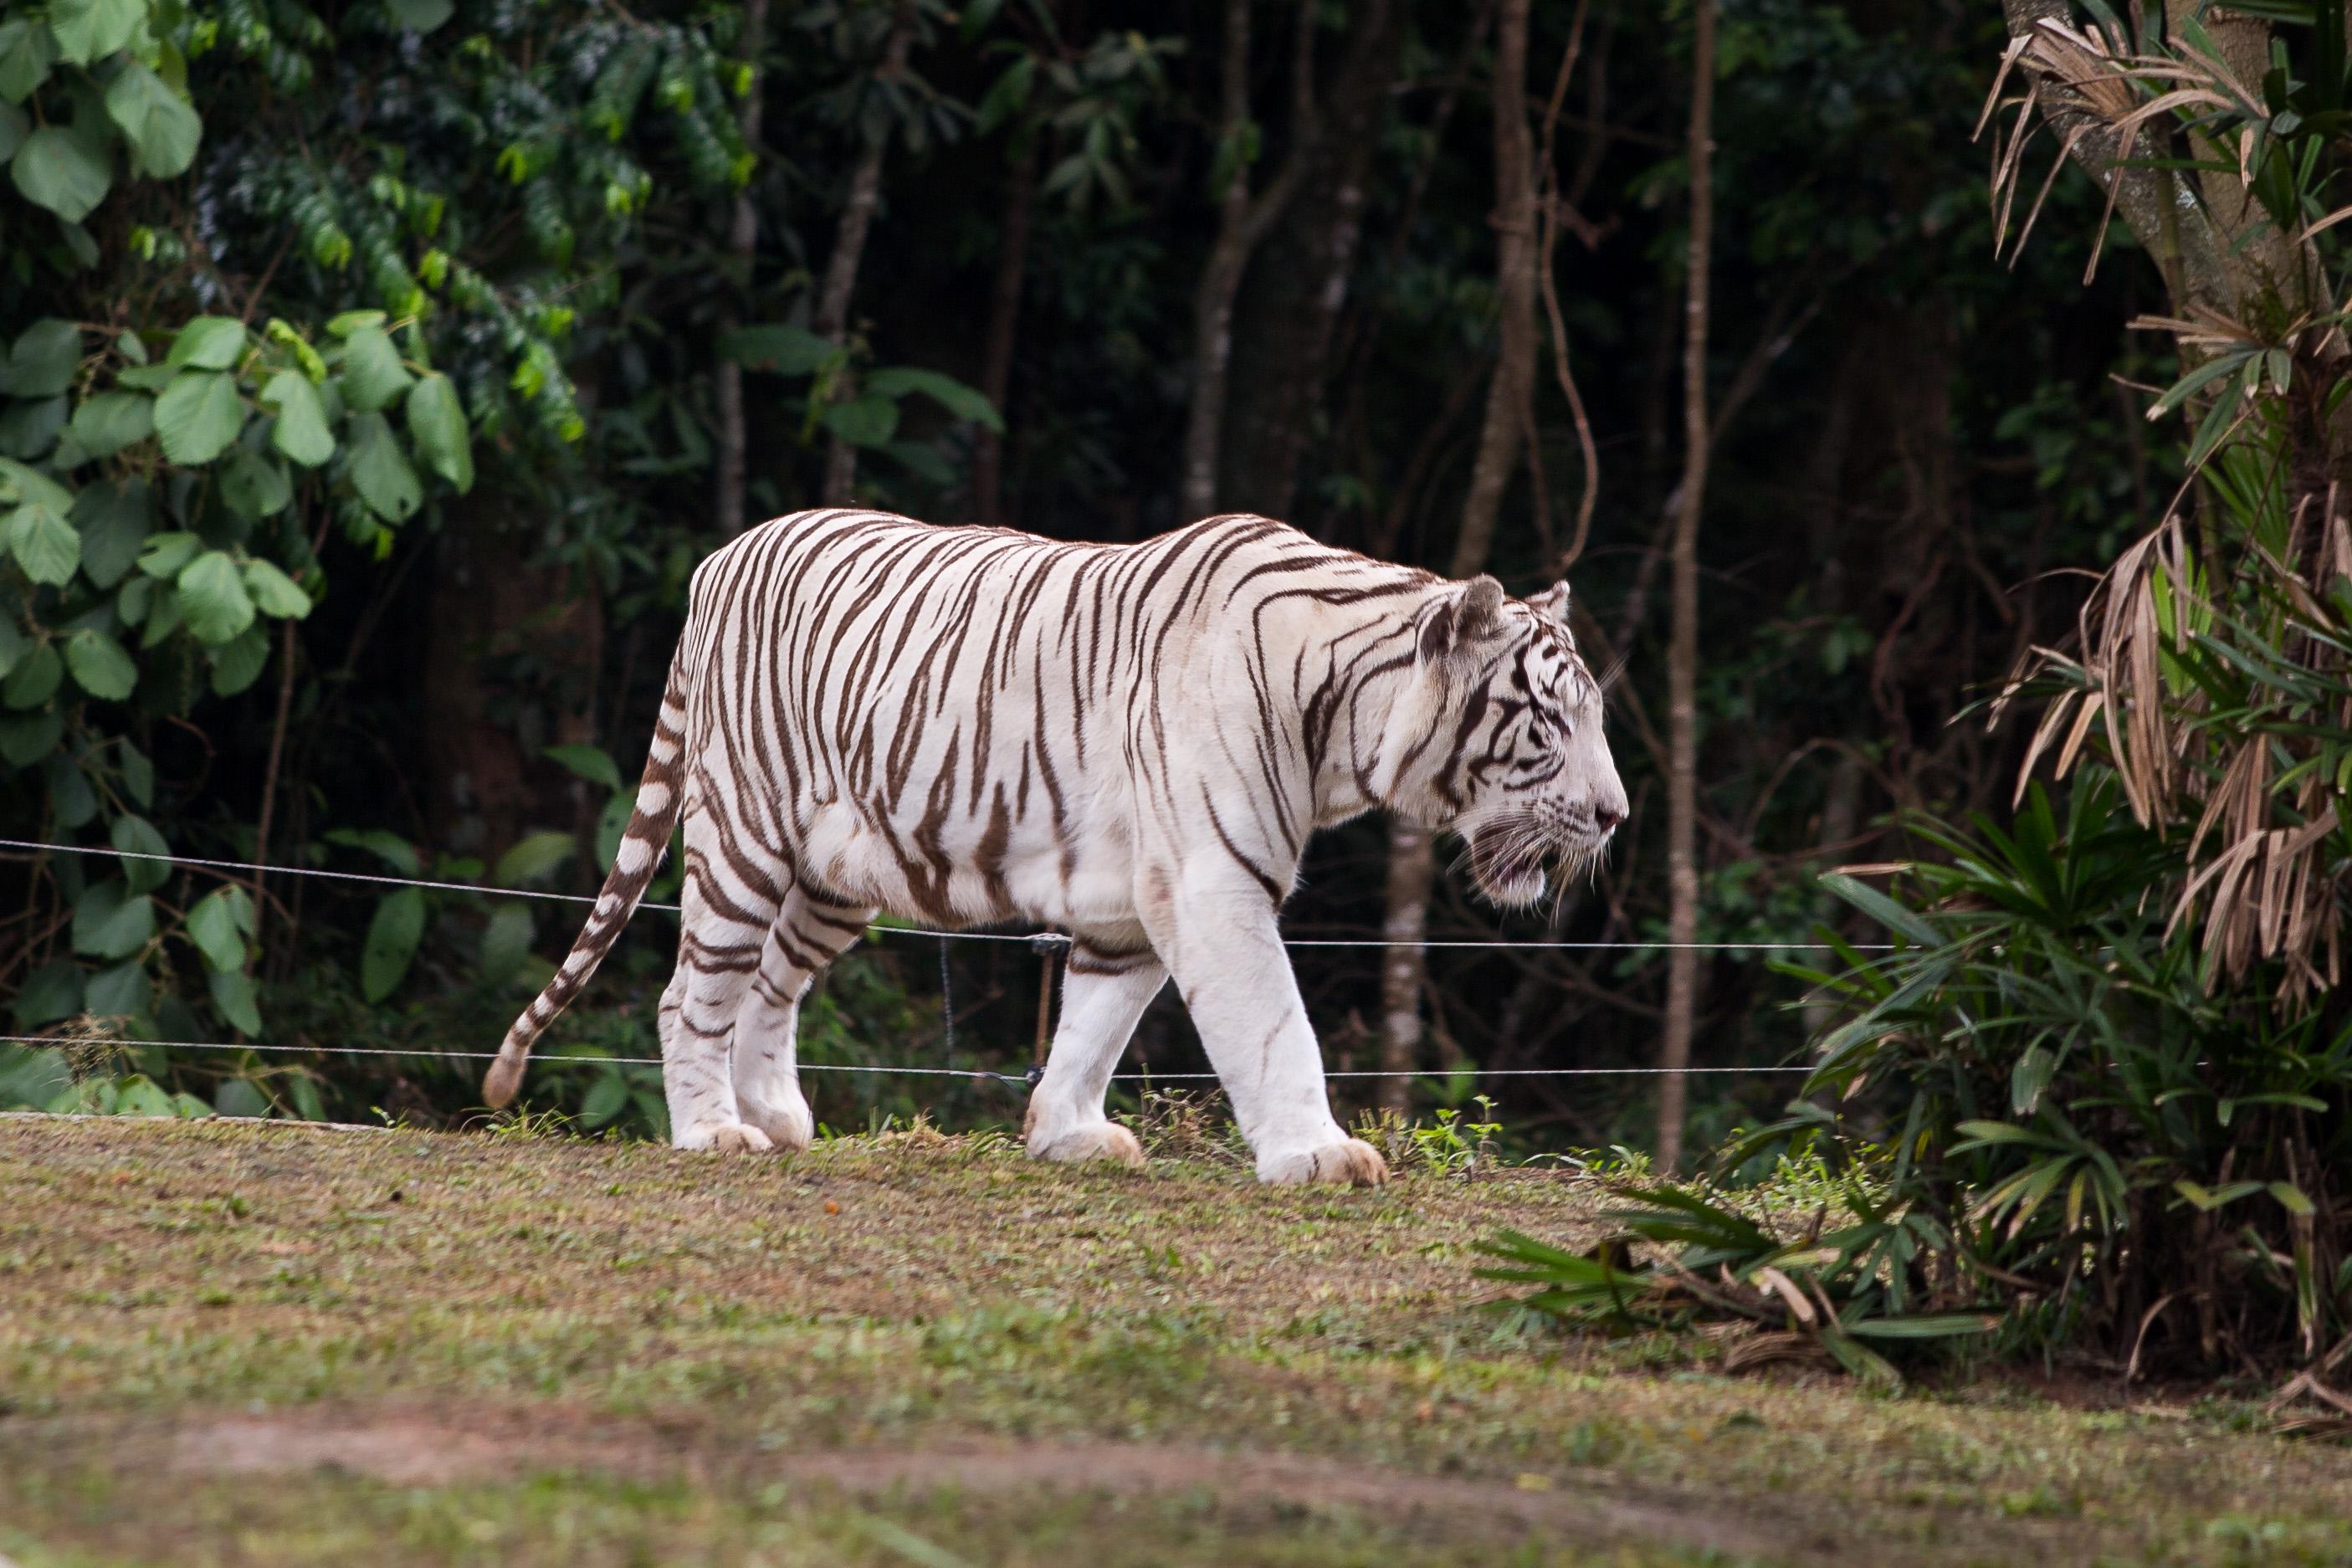 Fotos do Zoológico de São Paulo, localizado na Zona Sul da cidade de São Paulo. Data: 15/12/2016  Local: São Paulo/SP  Foto: Daniel Guimarães/A2IMG